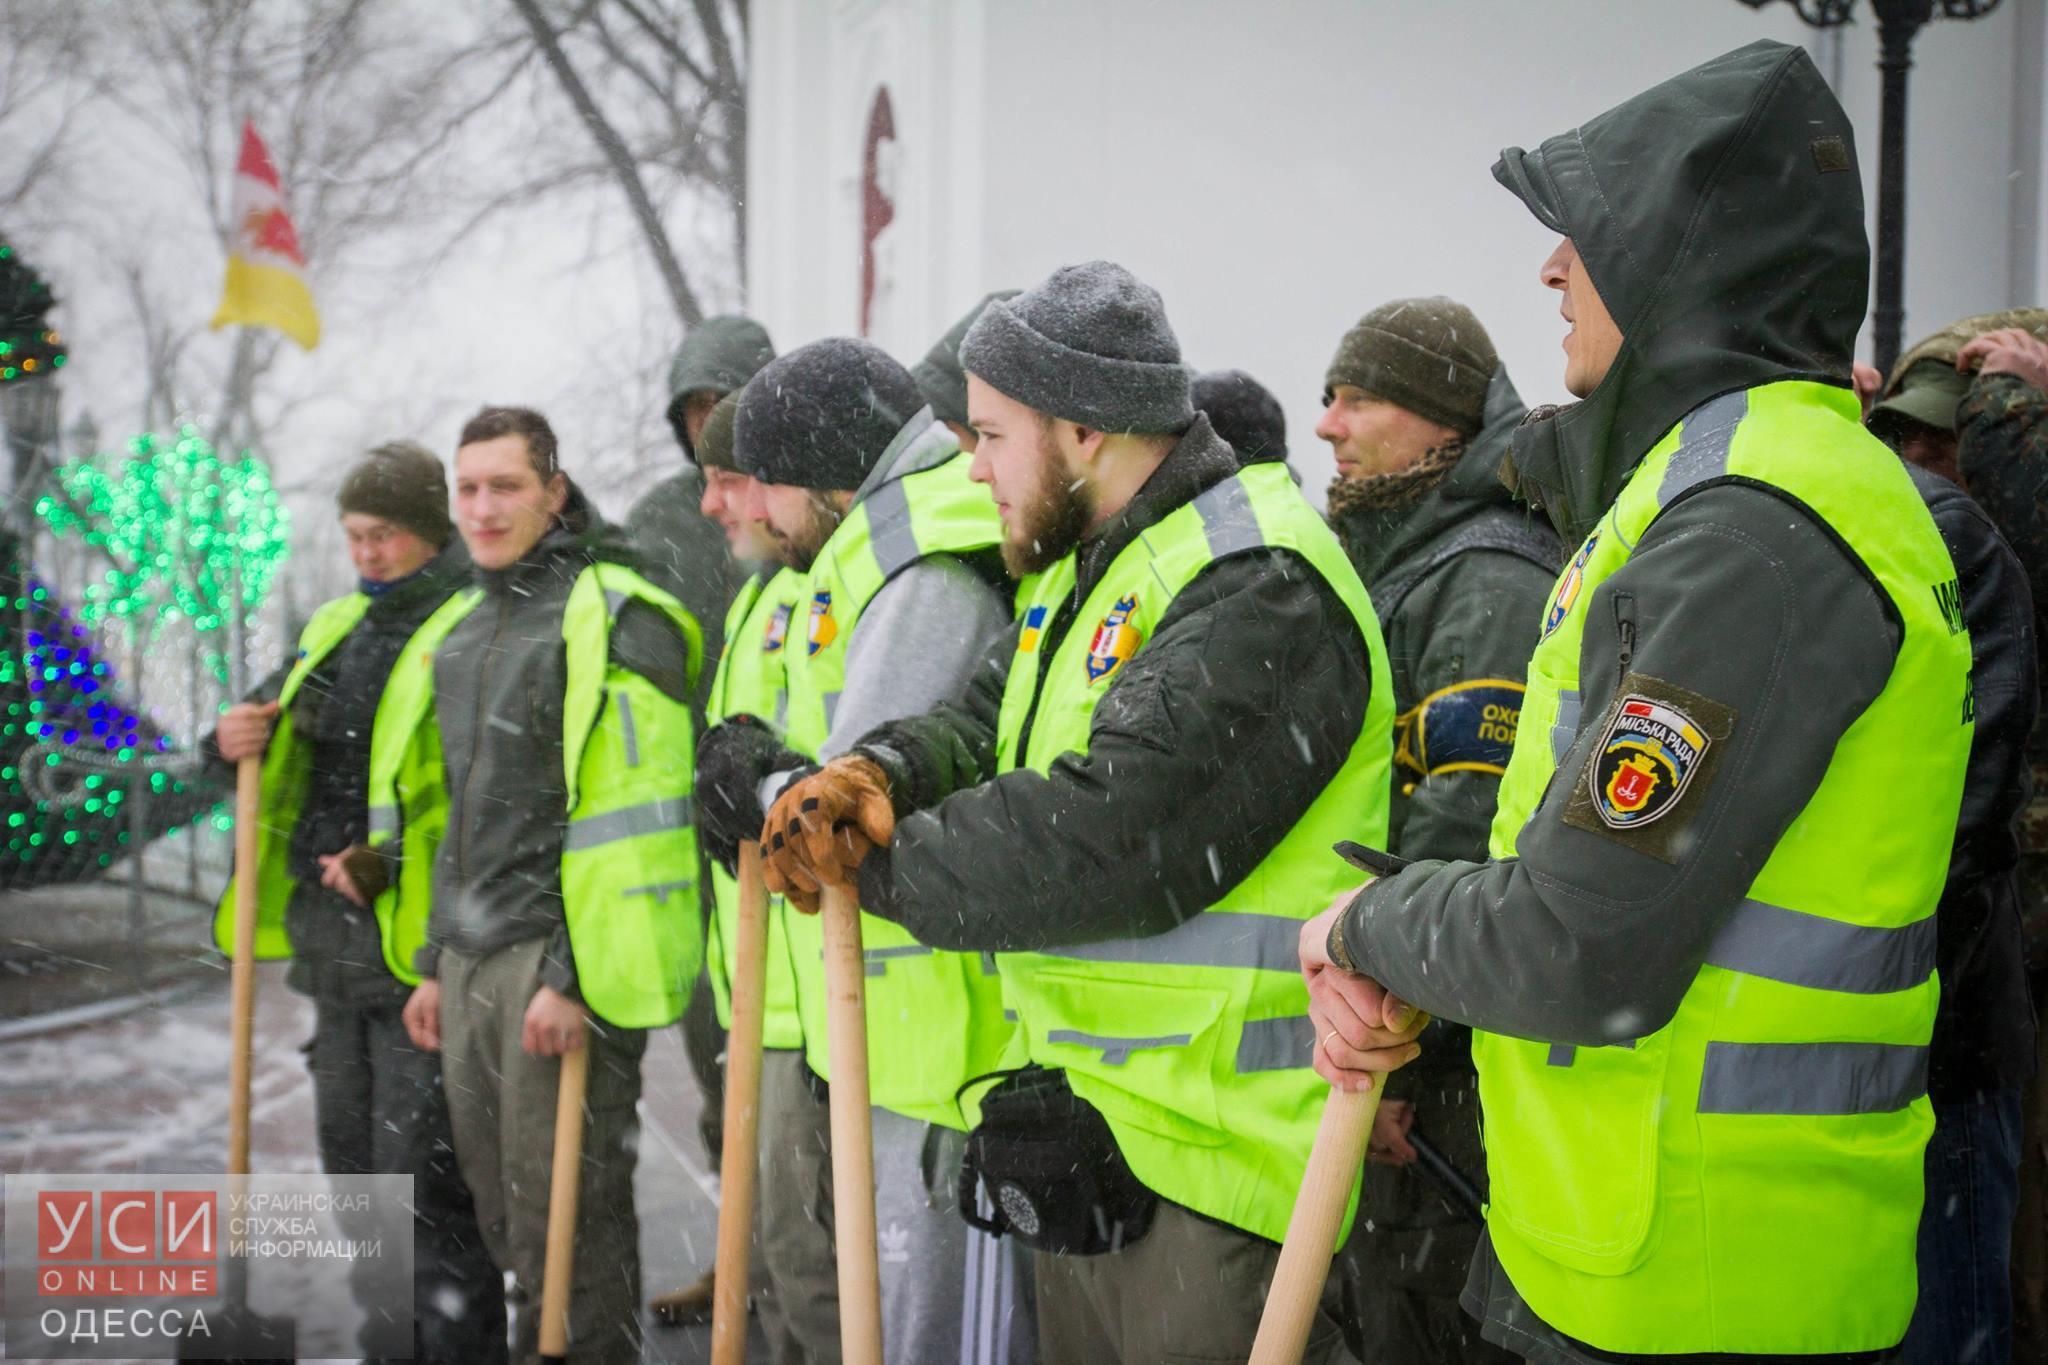 Одесская «Муниципальная охрана» во время снегопада патрулирует город с лопатами (фото)